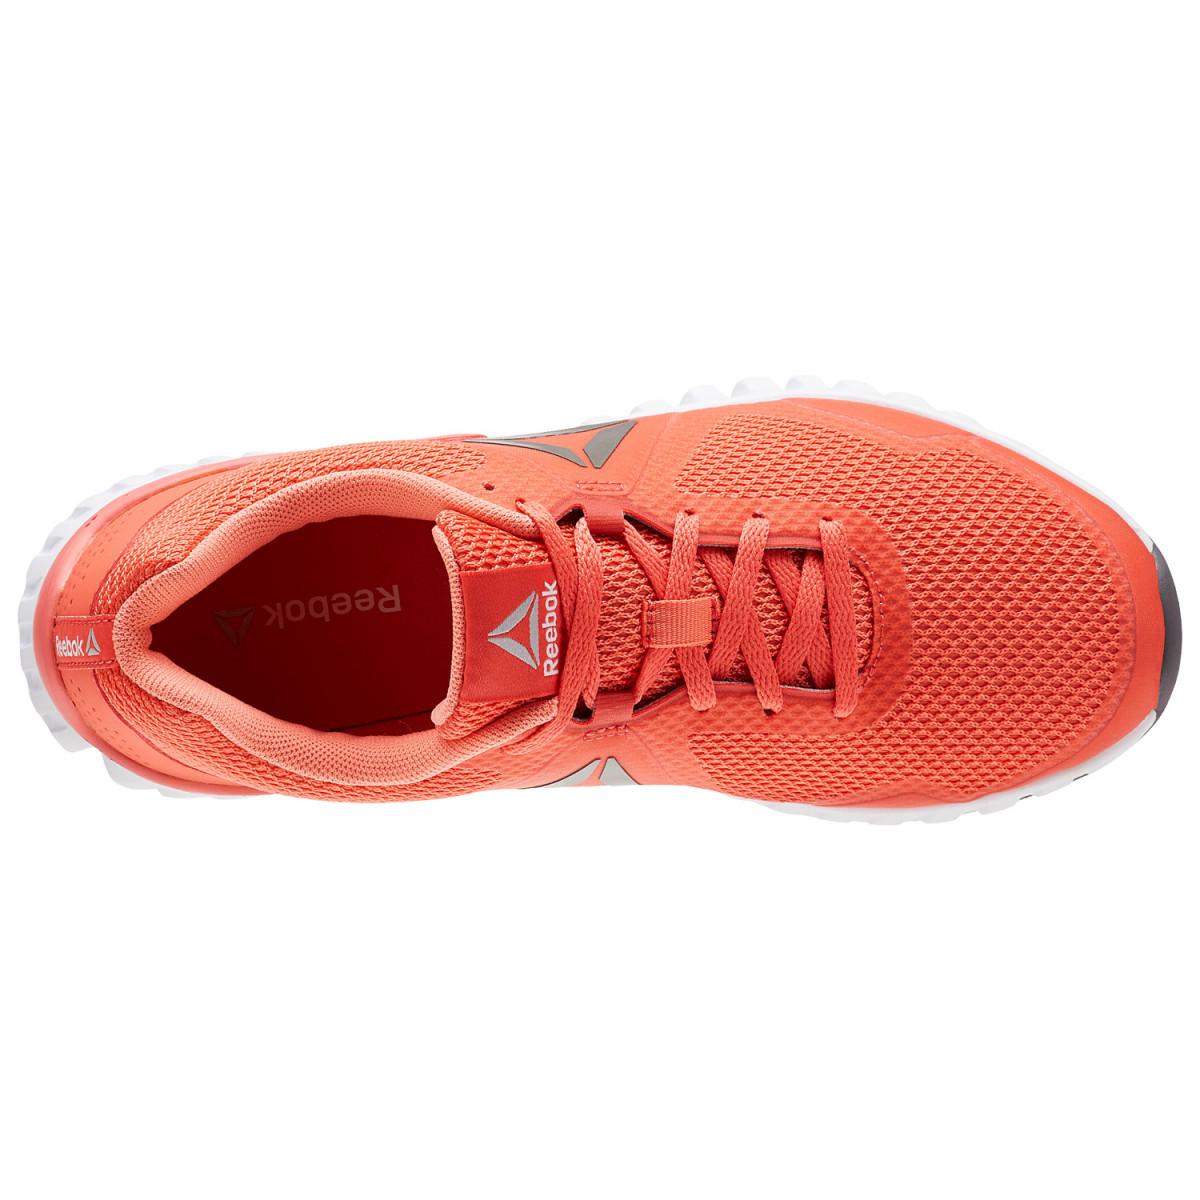 d29ae3c370c Zapatillas Reebok Twistform Blaze 3.0